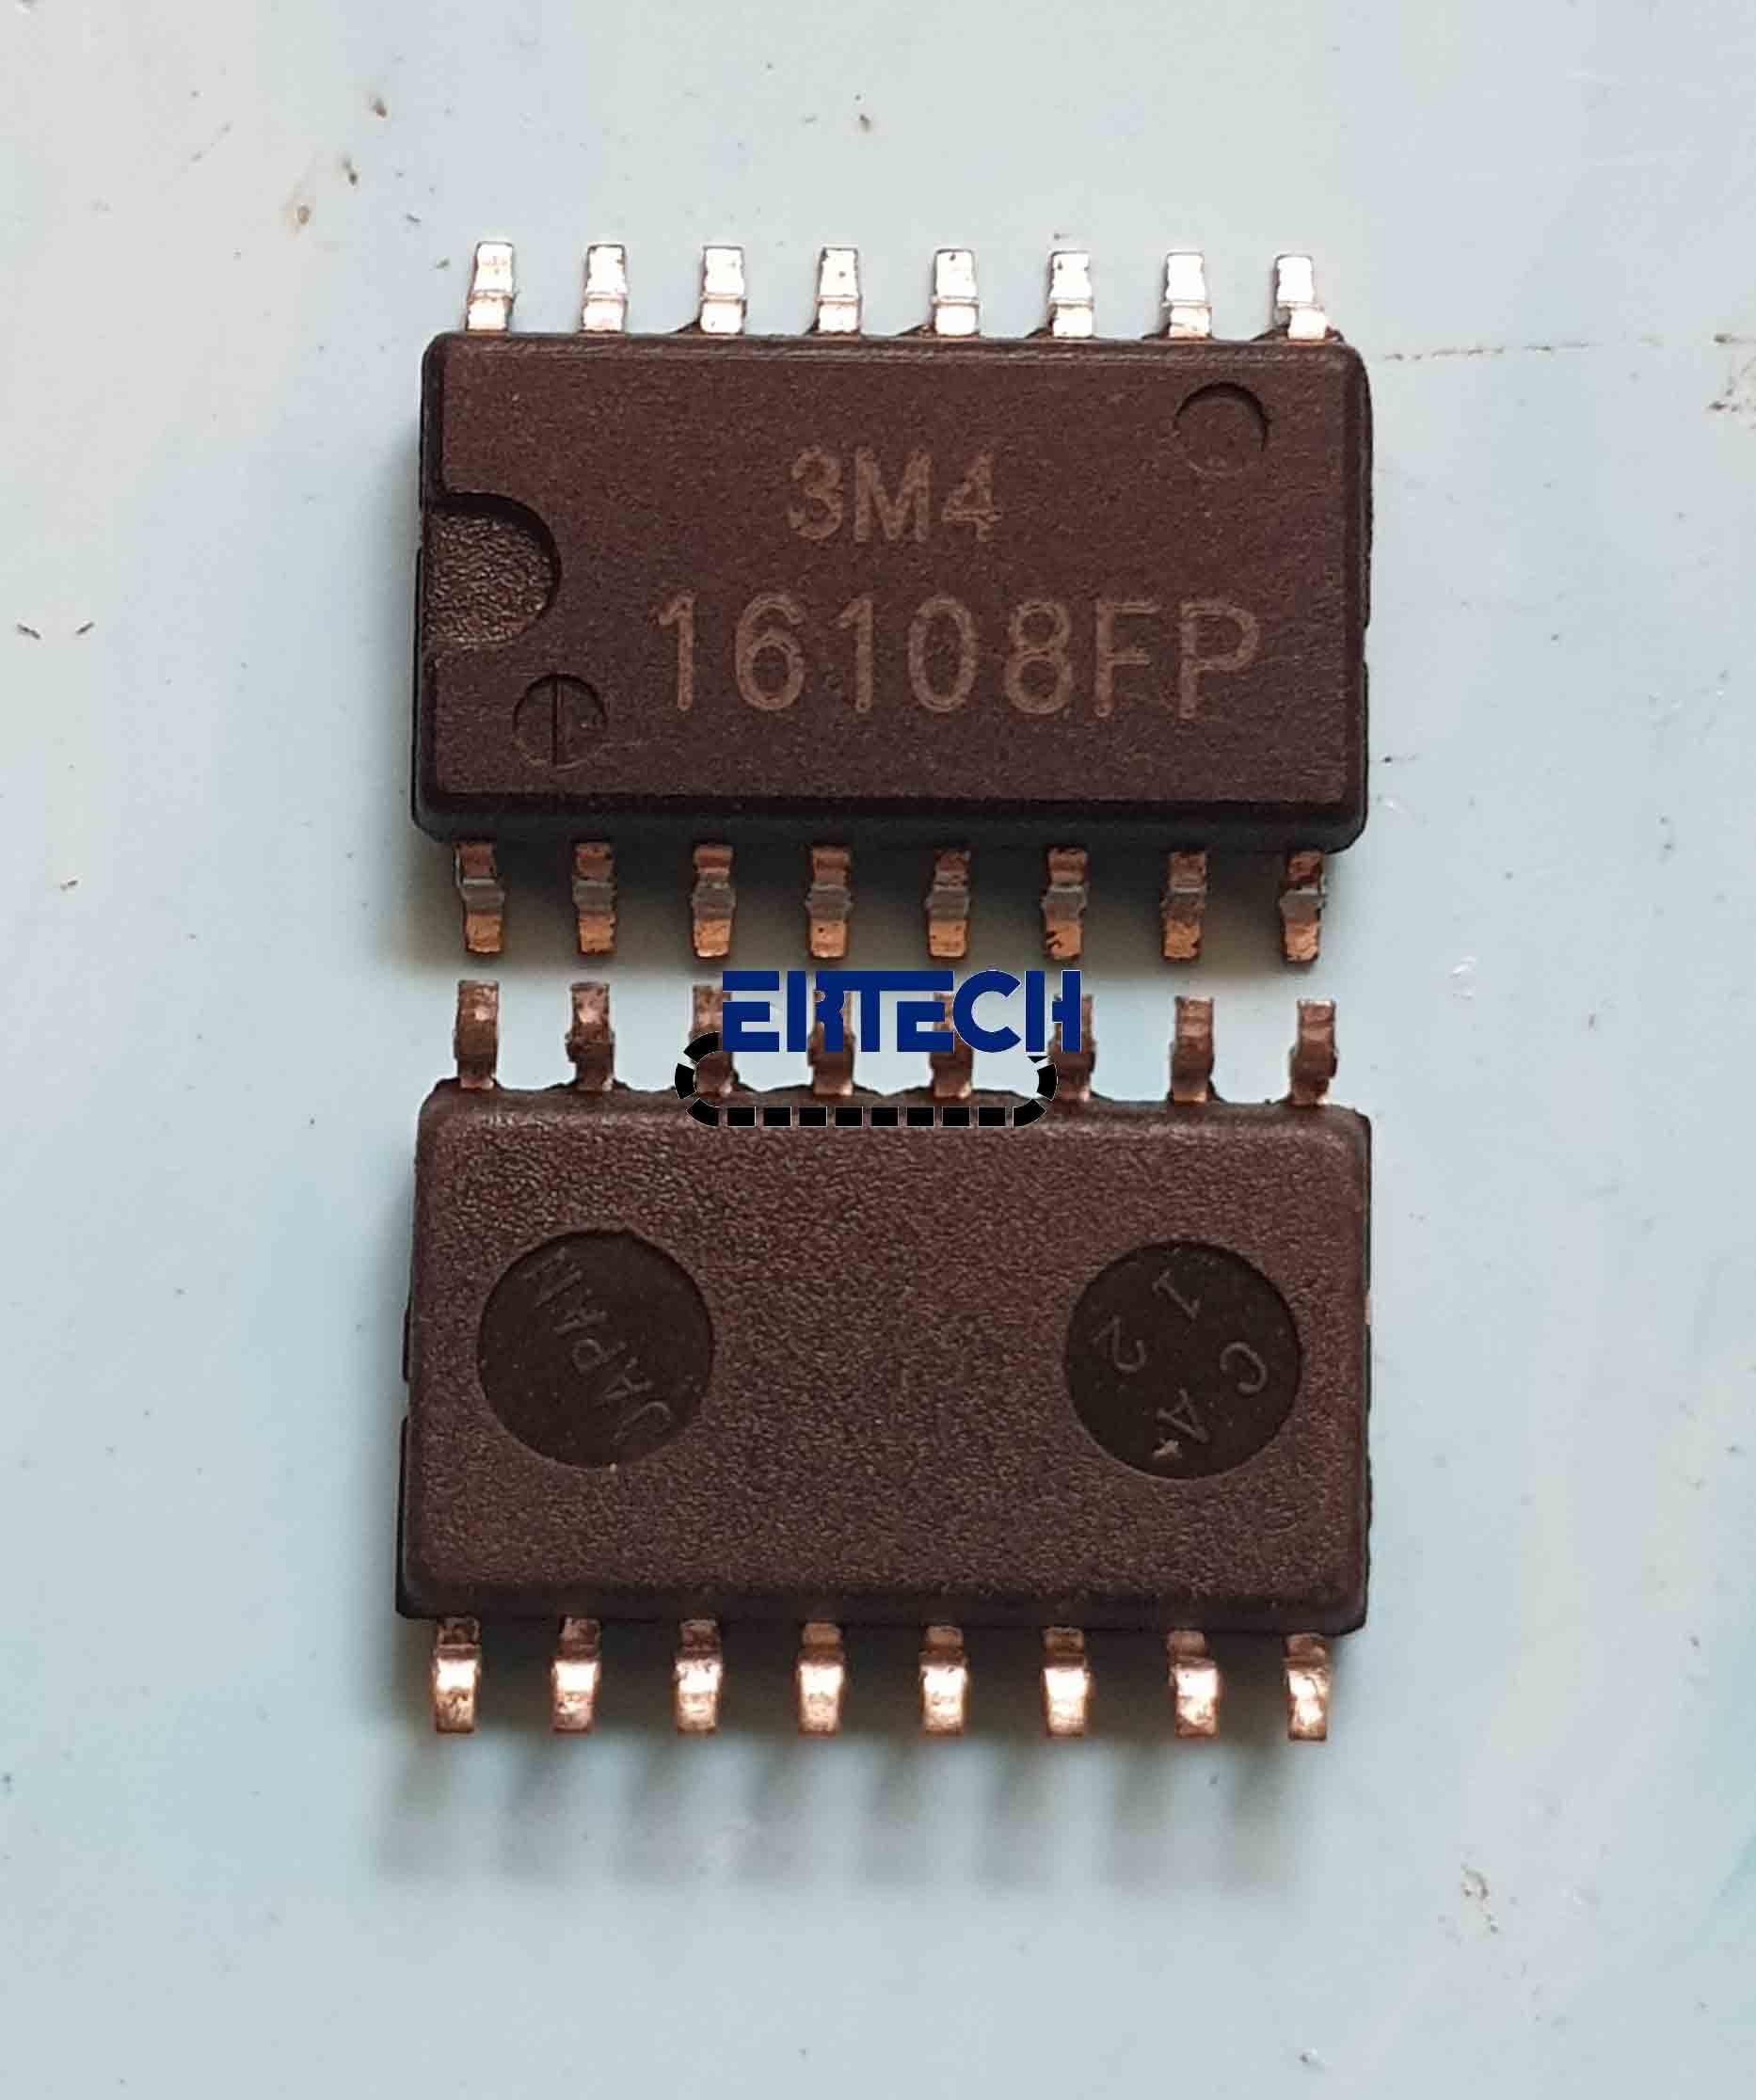 16107fp-ha16107fp-sop-16